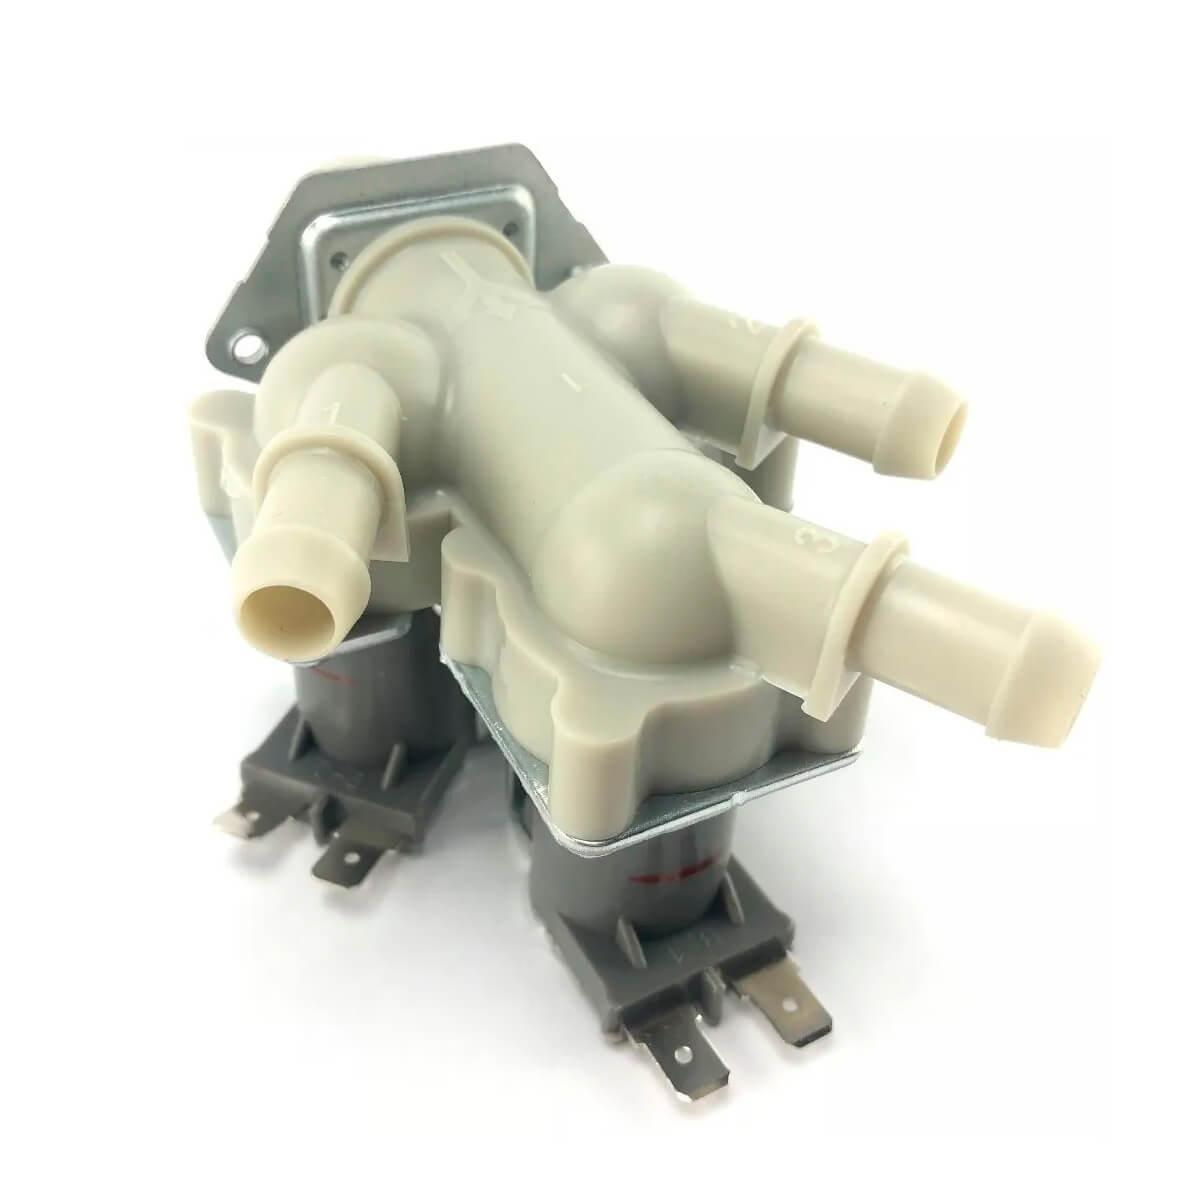 Válvula Entrada De Água Fria Lava e Seca 127v Electrolux -  15415070